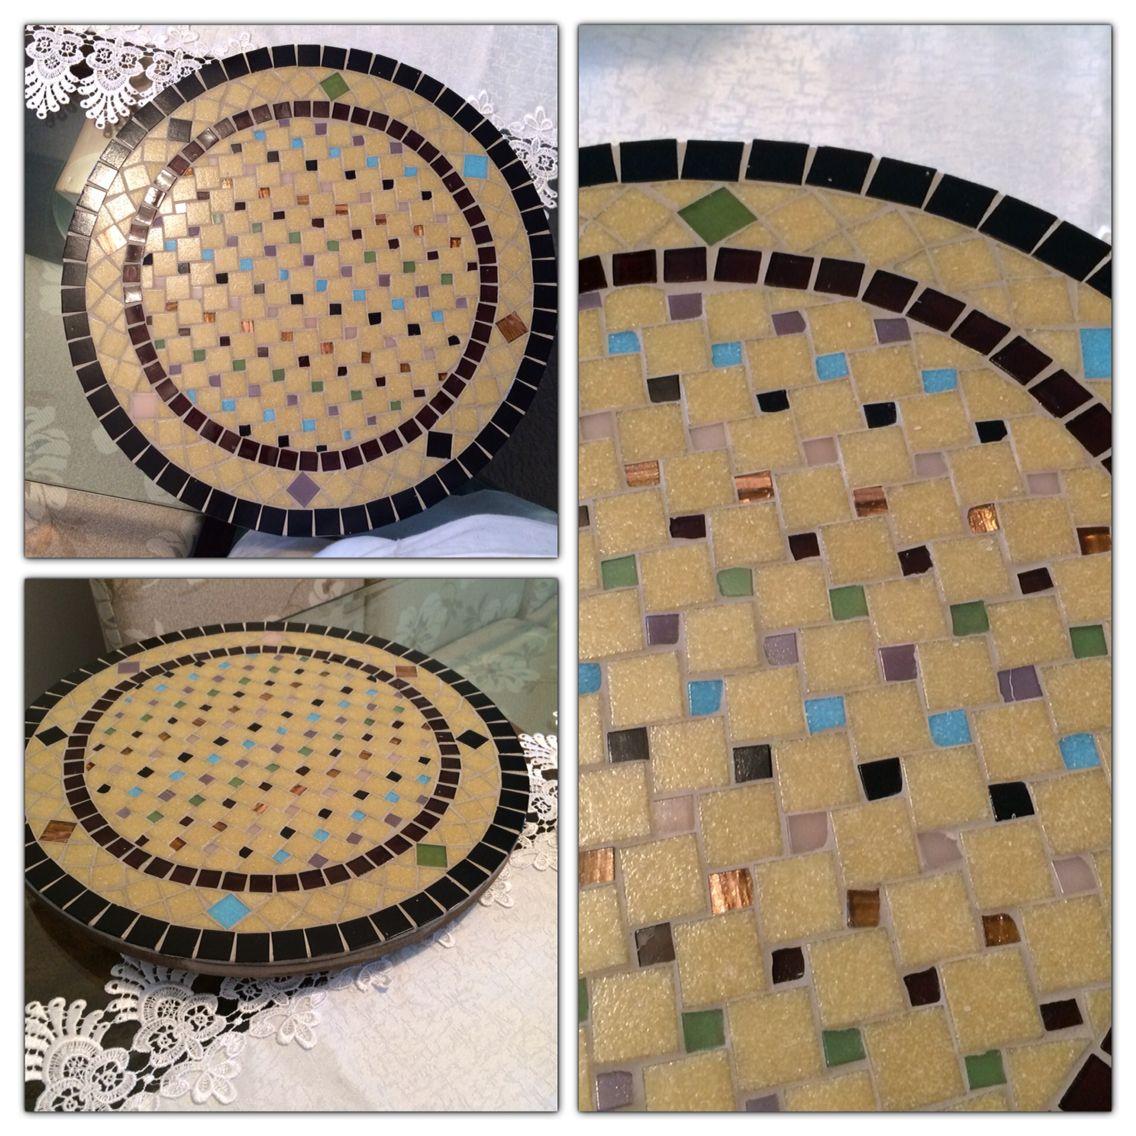 Base giratória em MDF com mosaico em pastilha